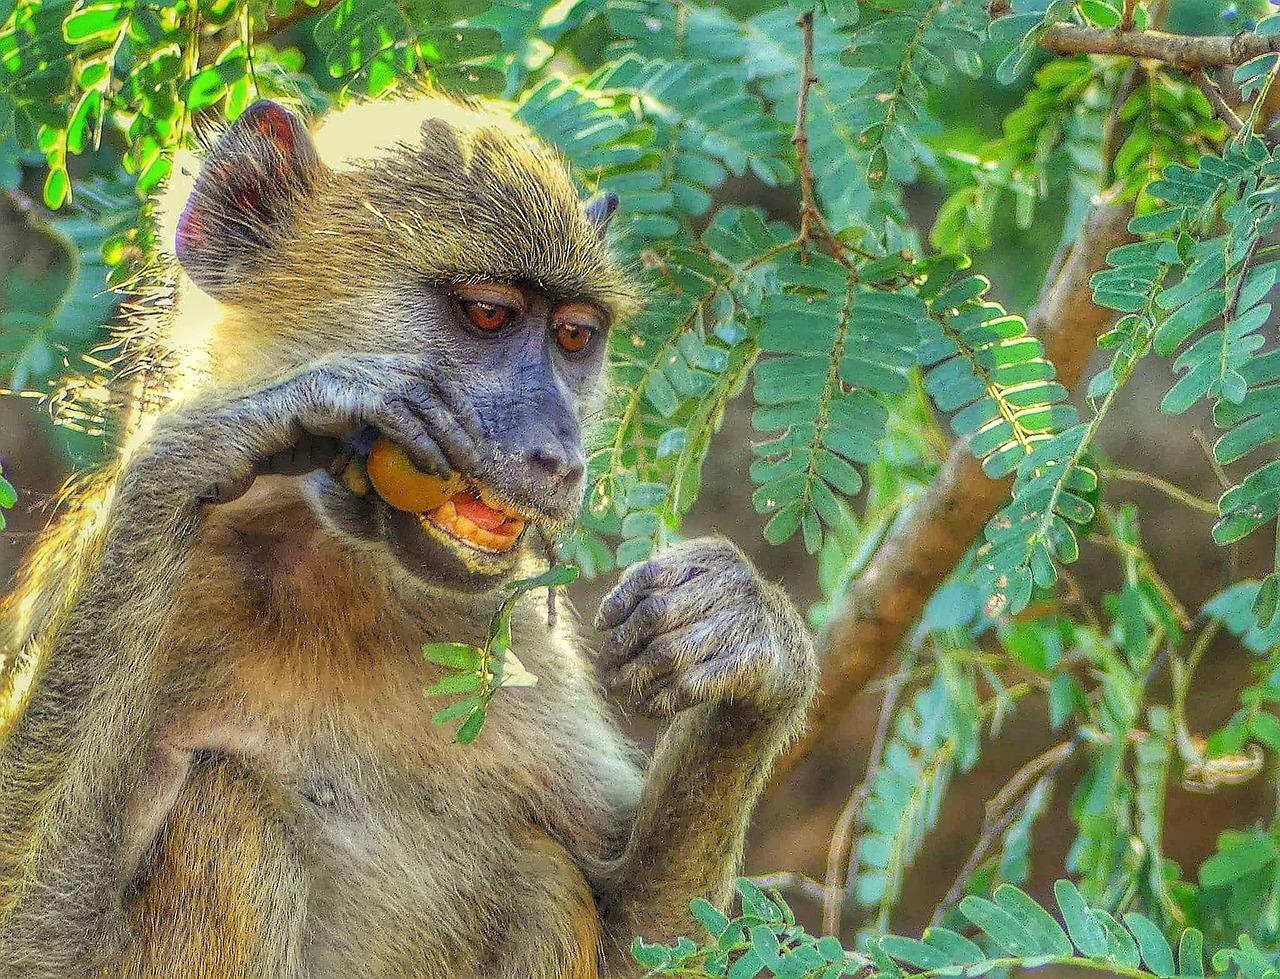 лицу обитание обезьян в картинках физиологический мазеподобный